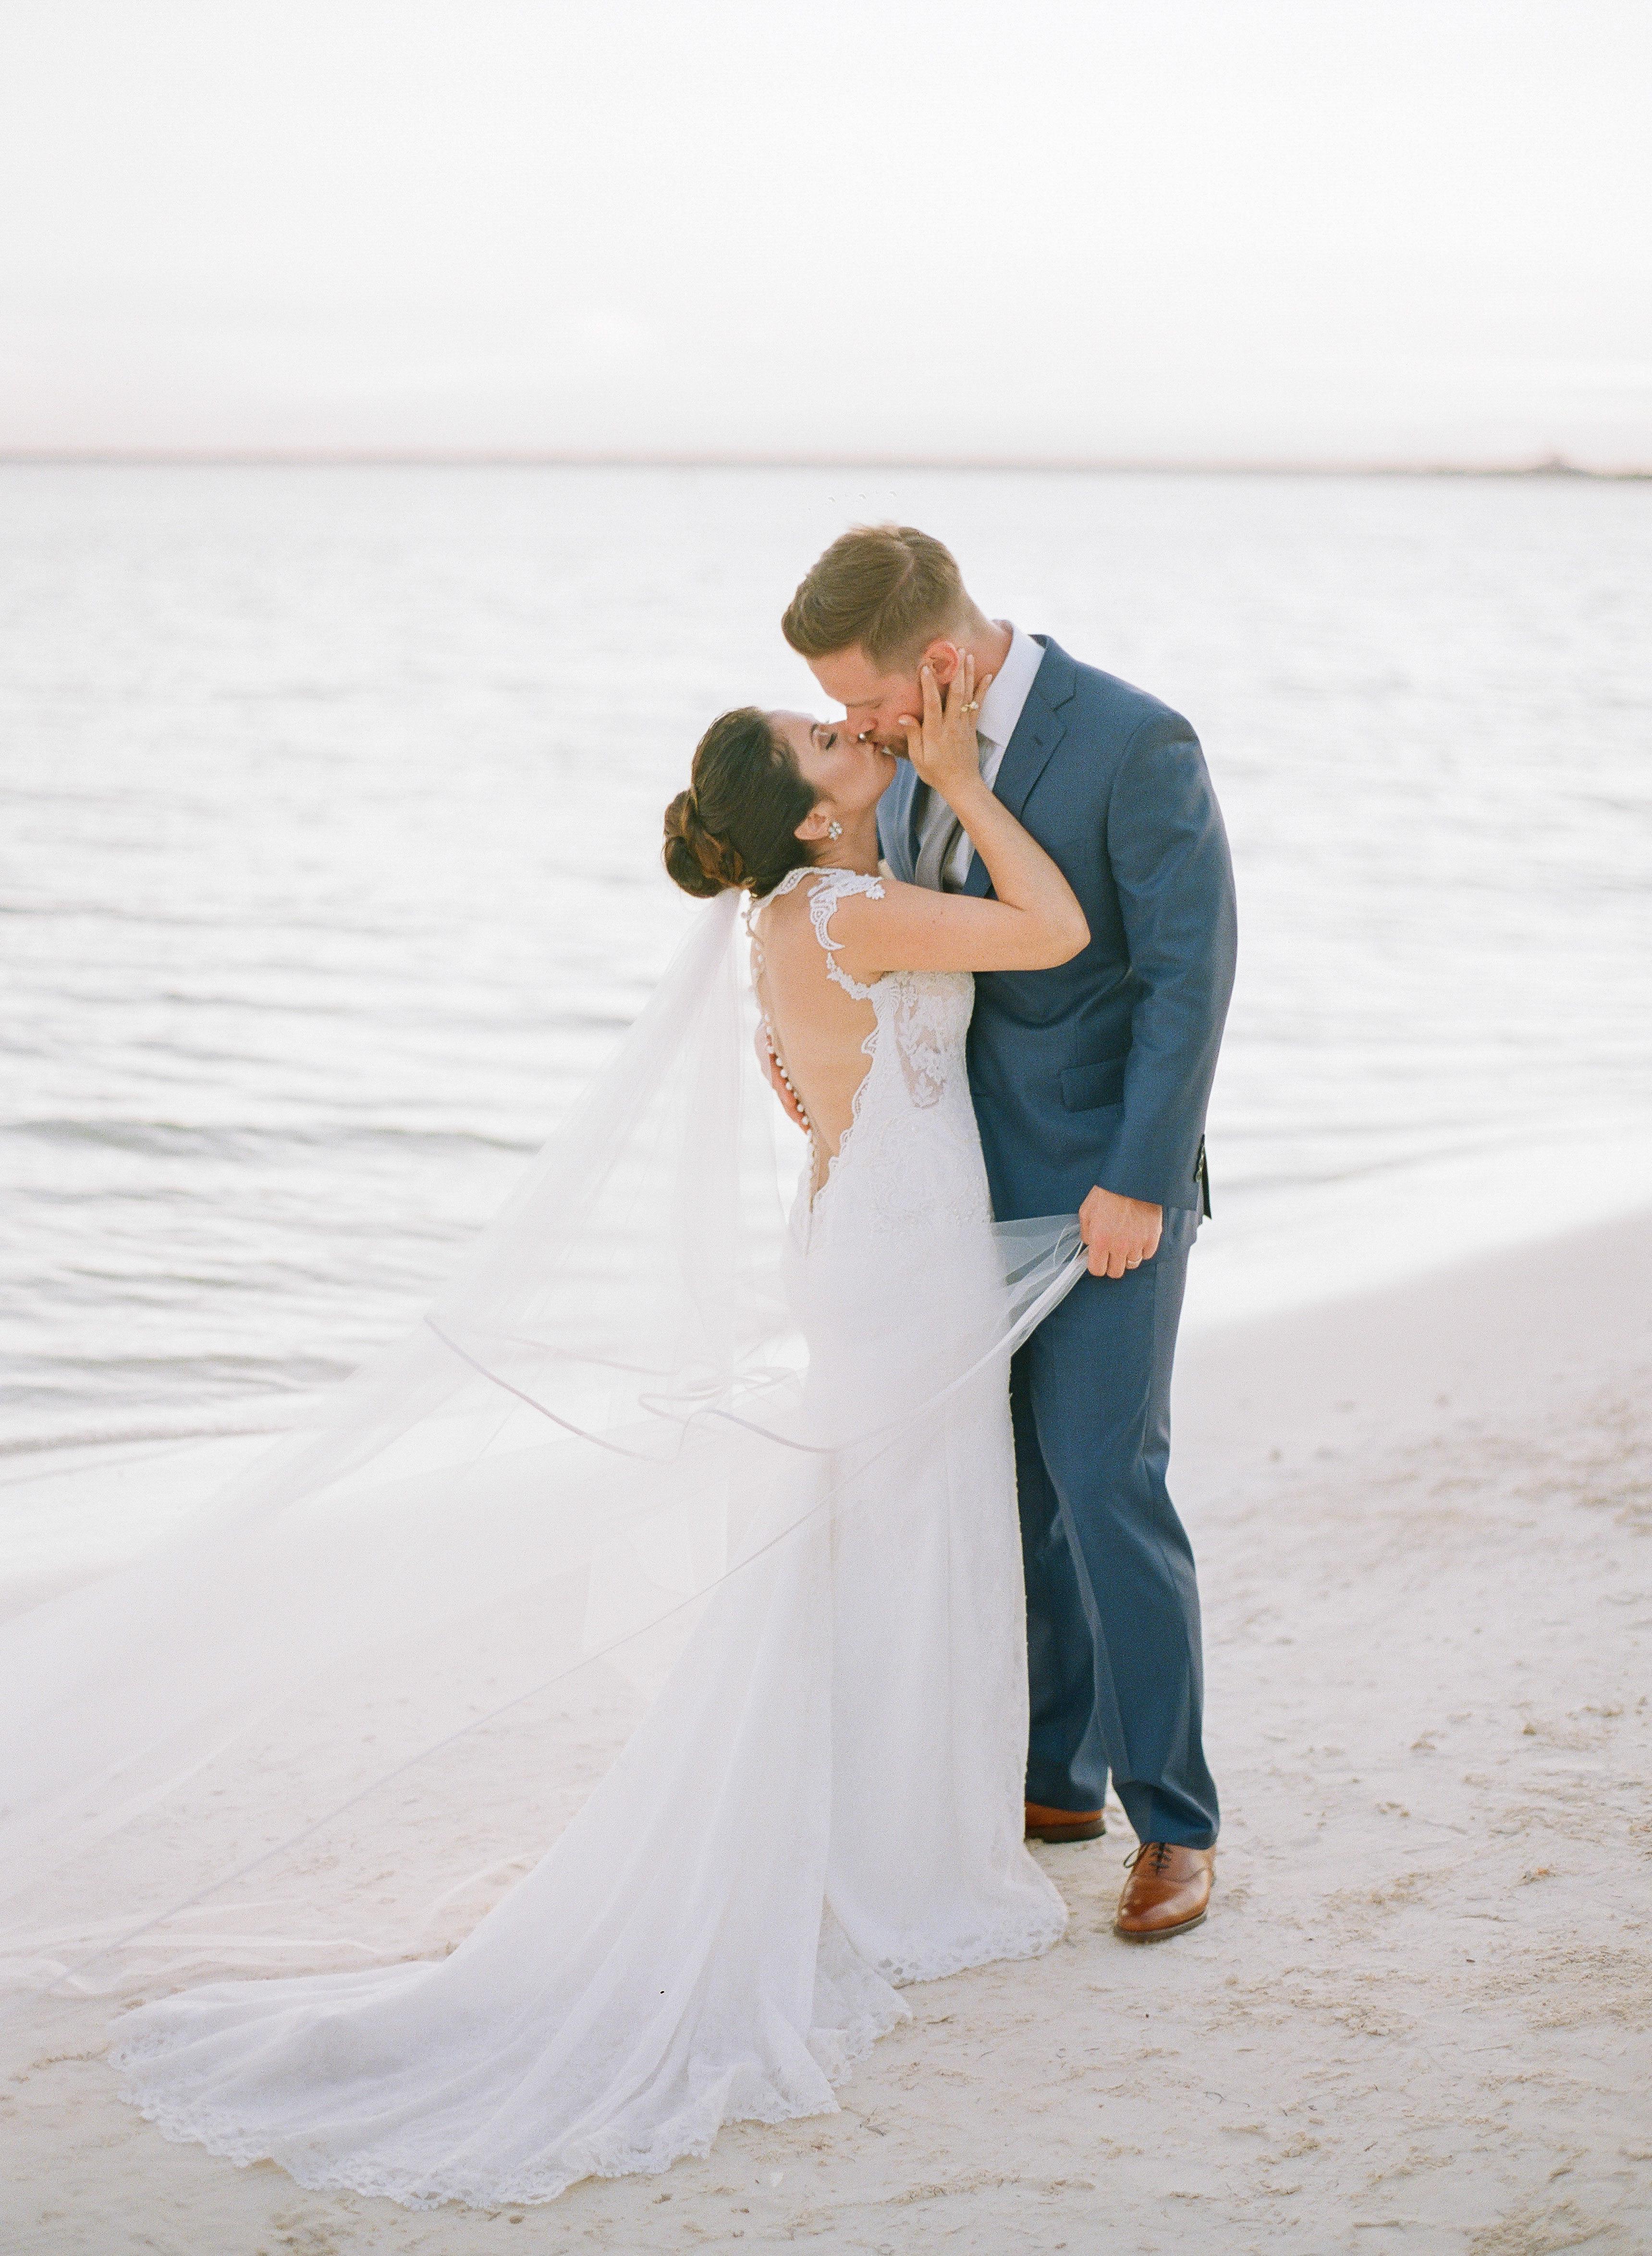 vicky james mexico wedding bride groom beach kiss